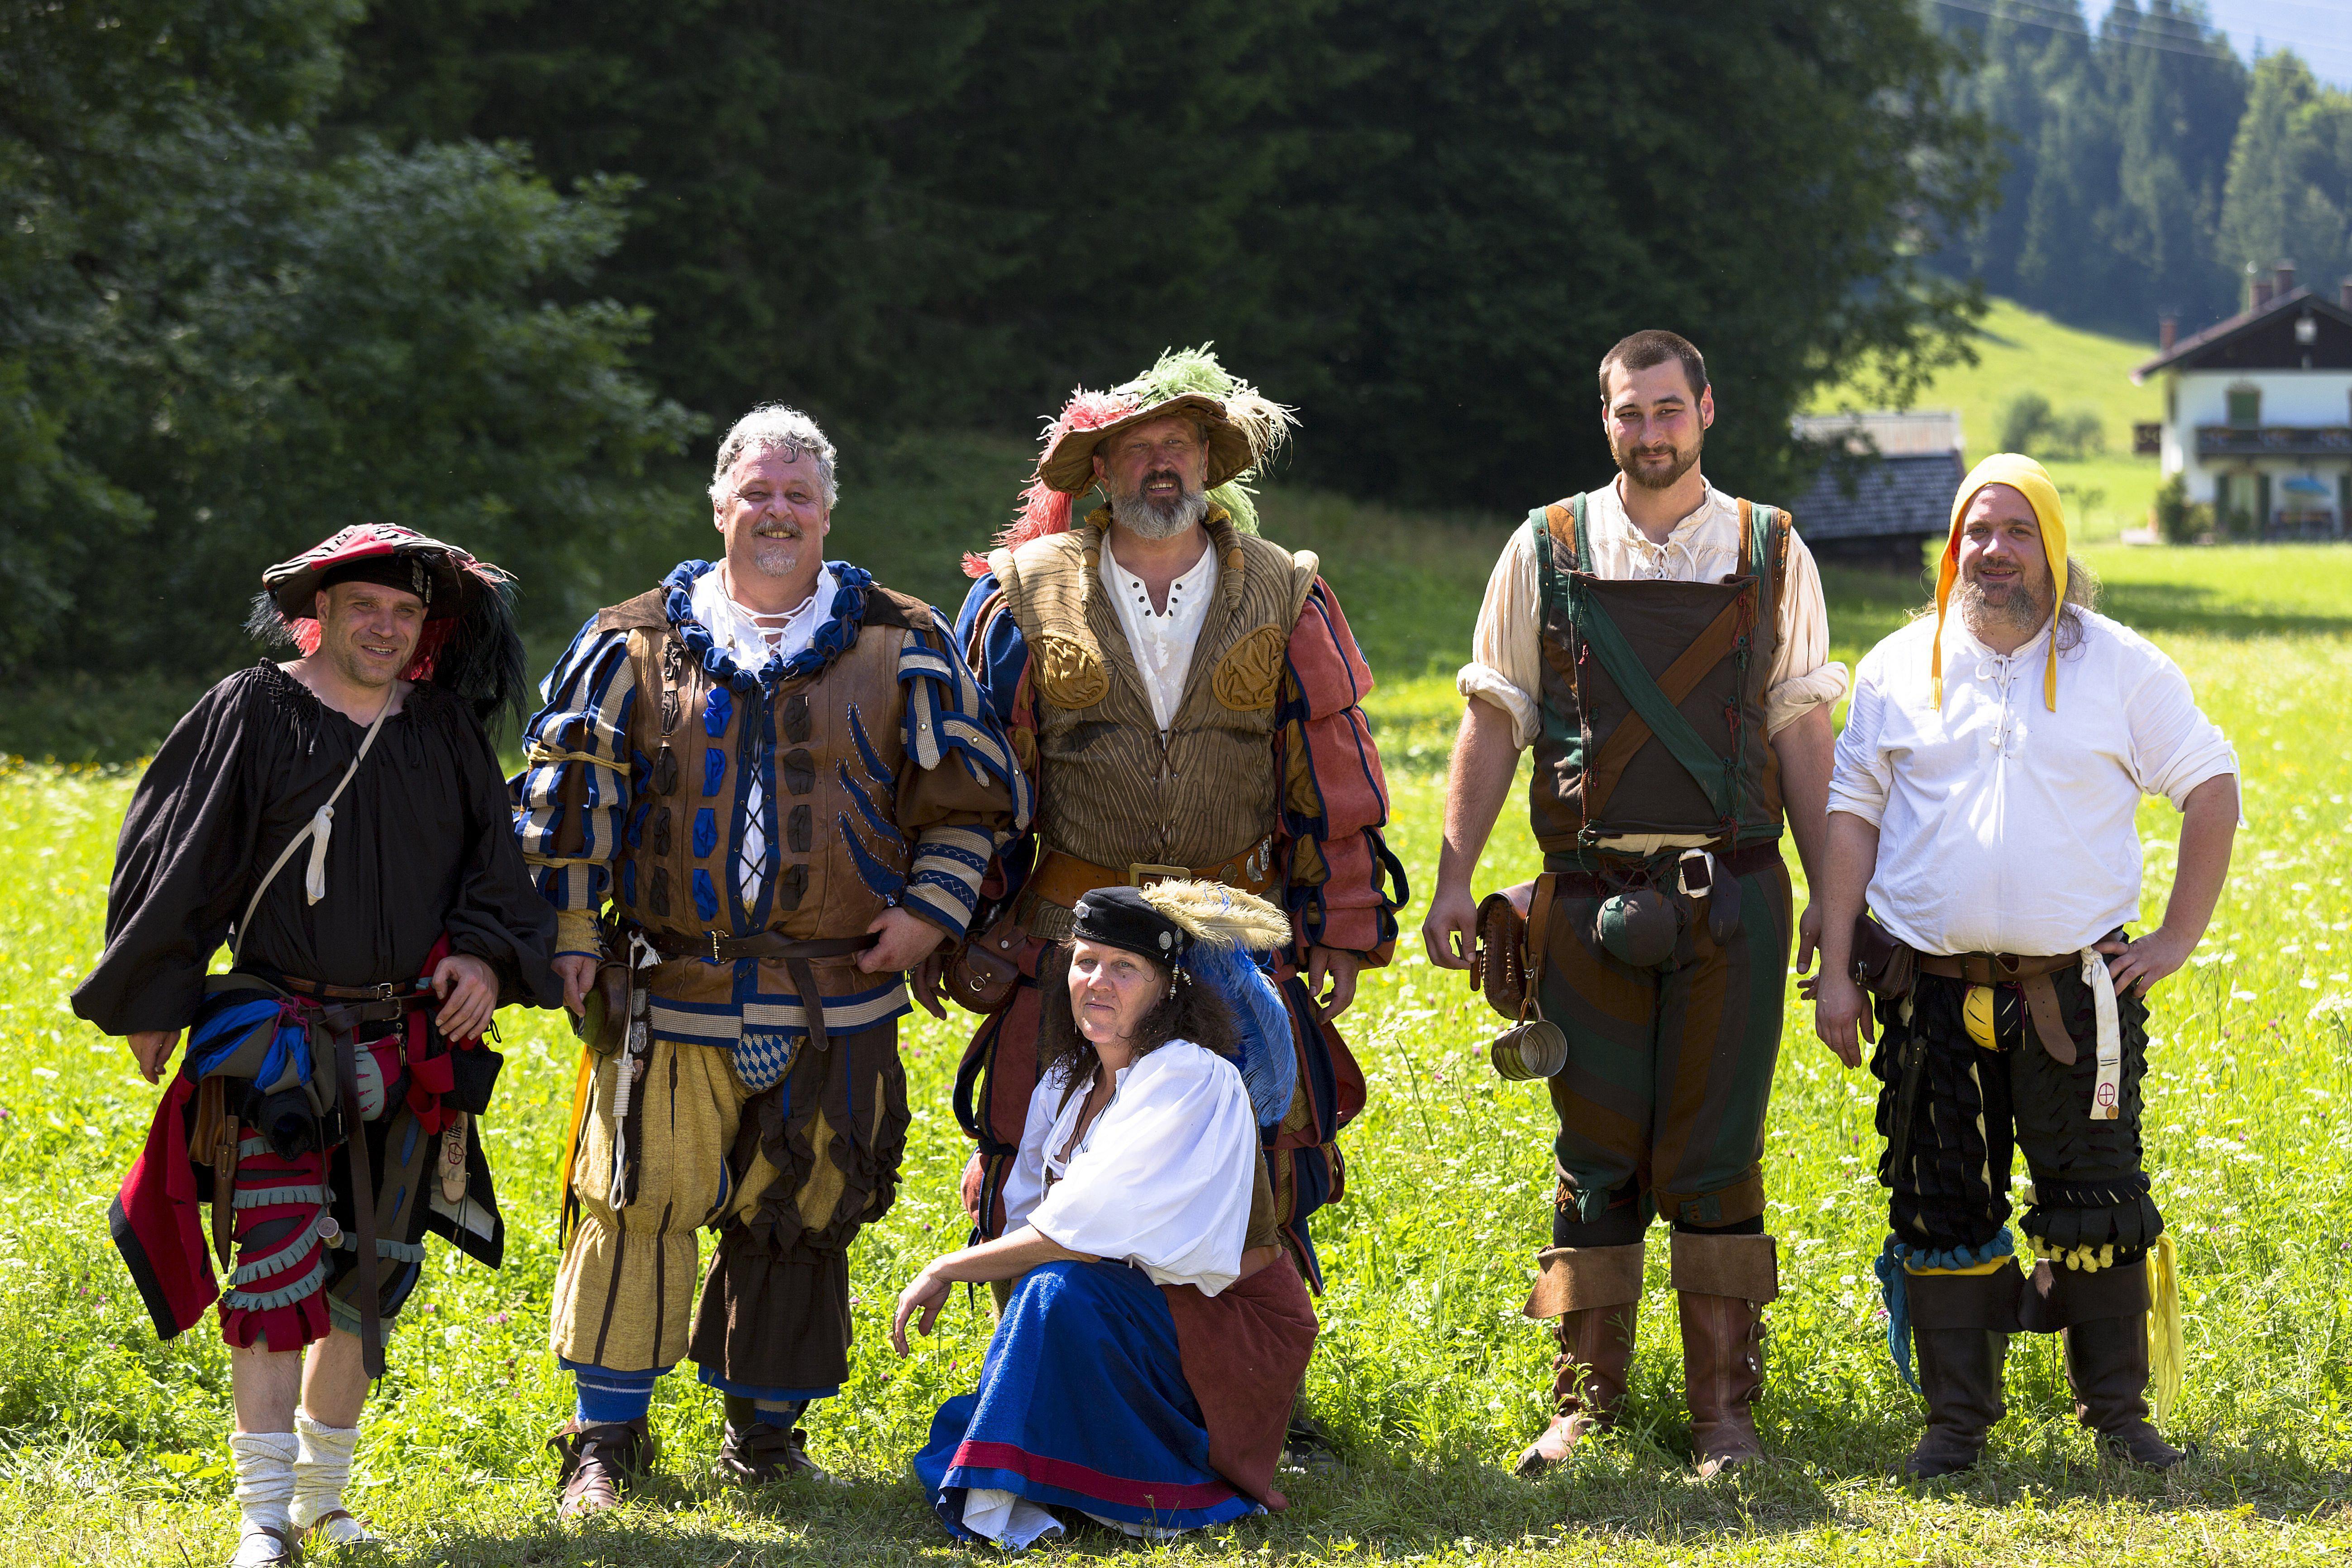 sechs Personen in Kostümen beim deutschen Festival